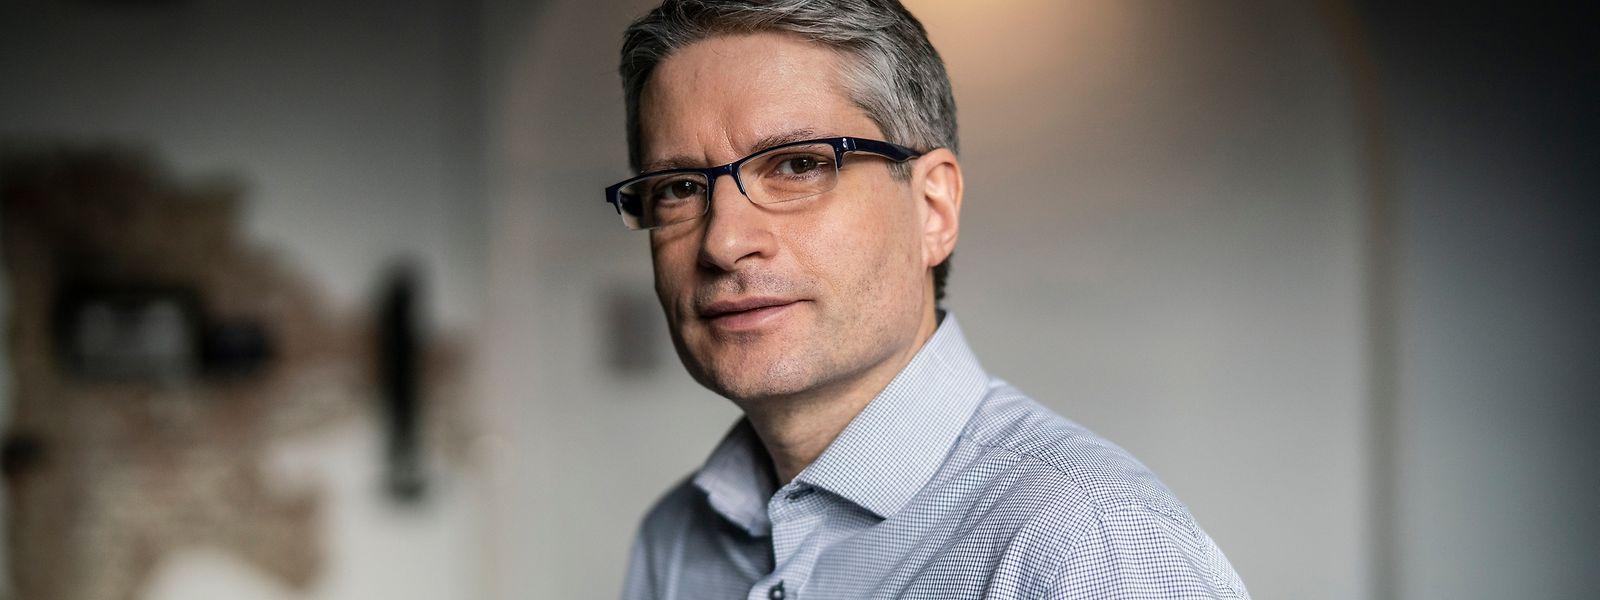 Der Europaabgeordnete Sven Giegold fordert einen härteren Kampf gegen Geldwäsche und Steuervermeidung.